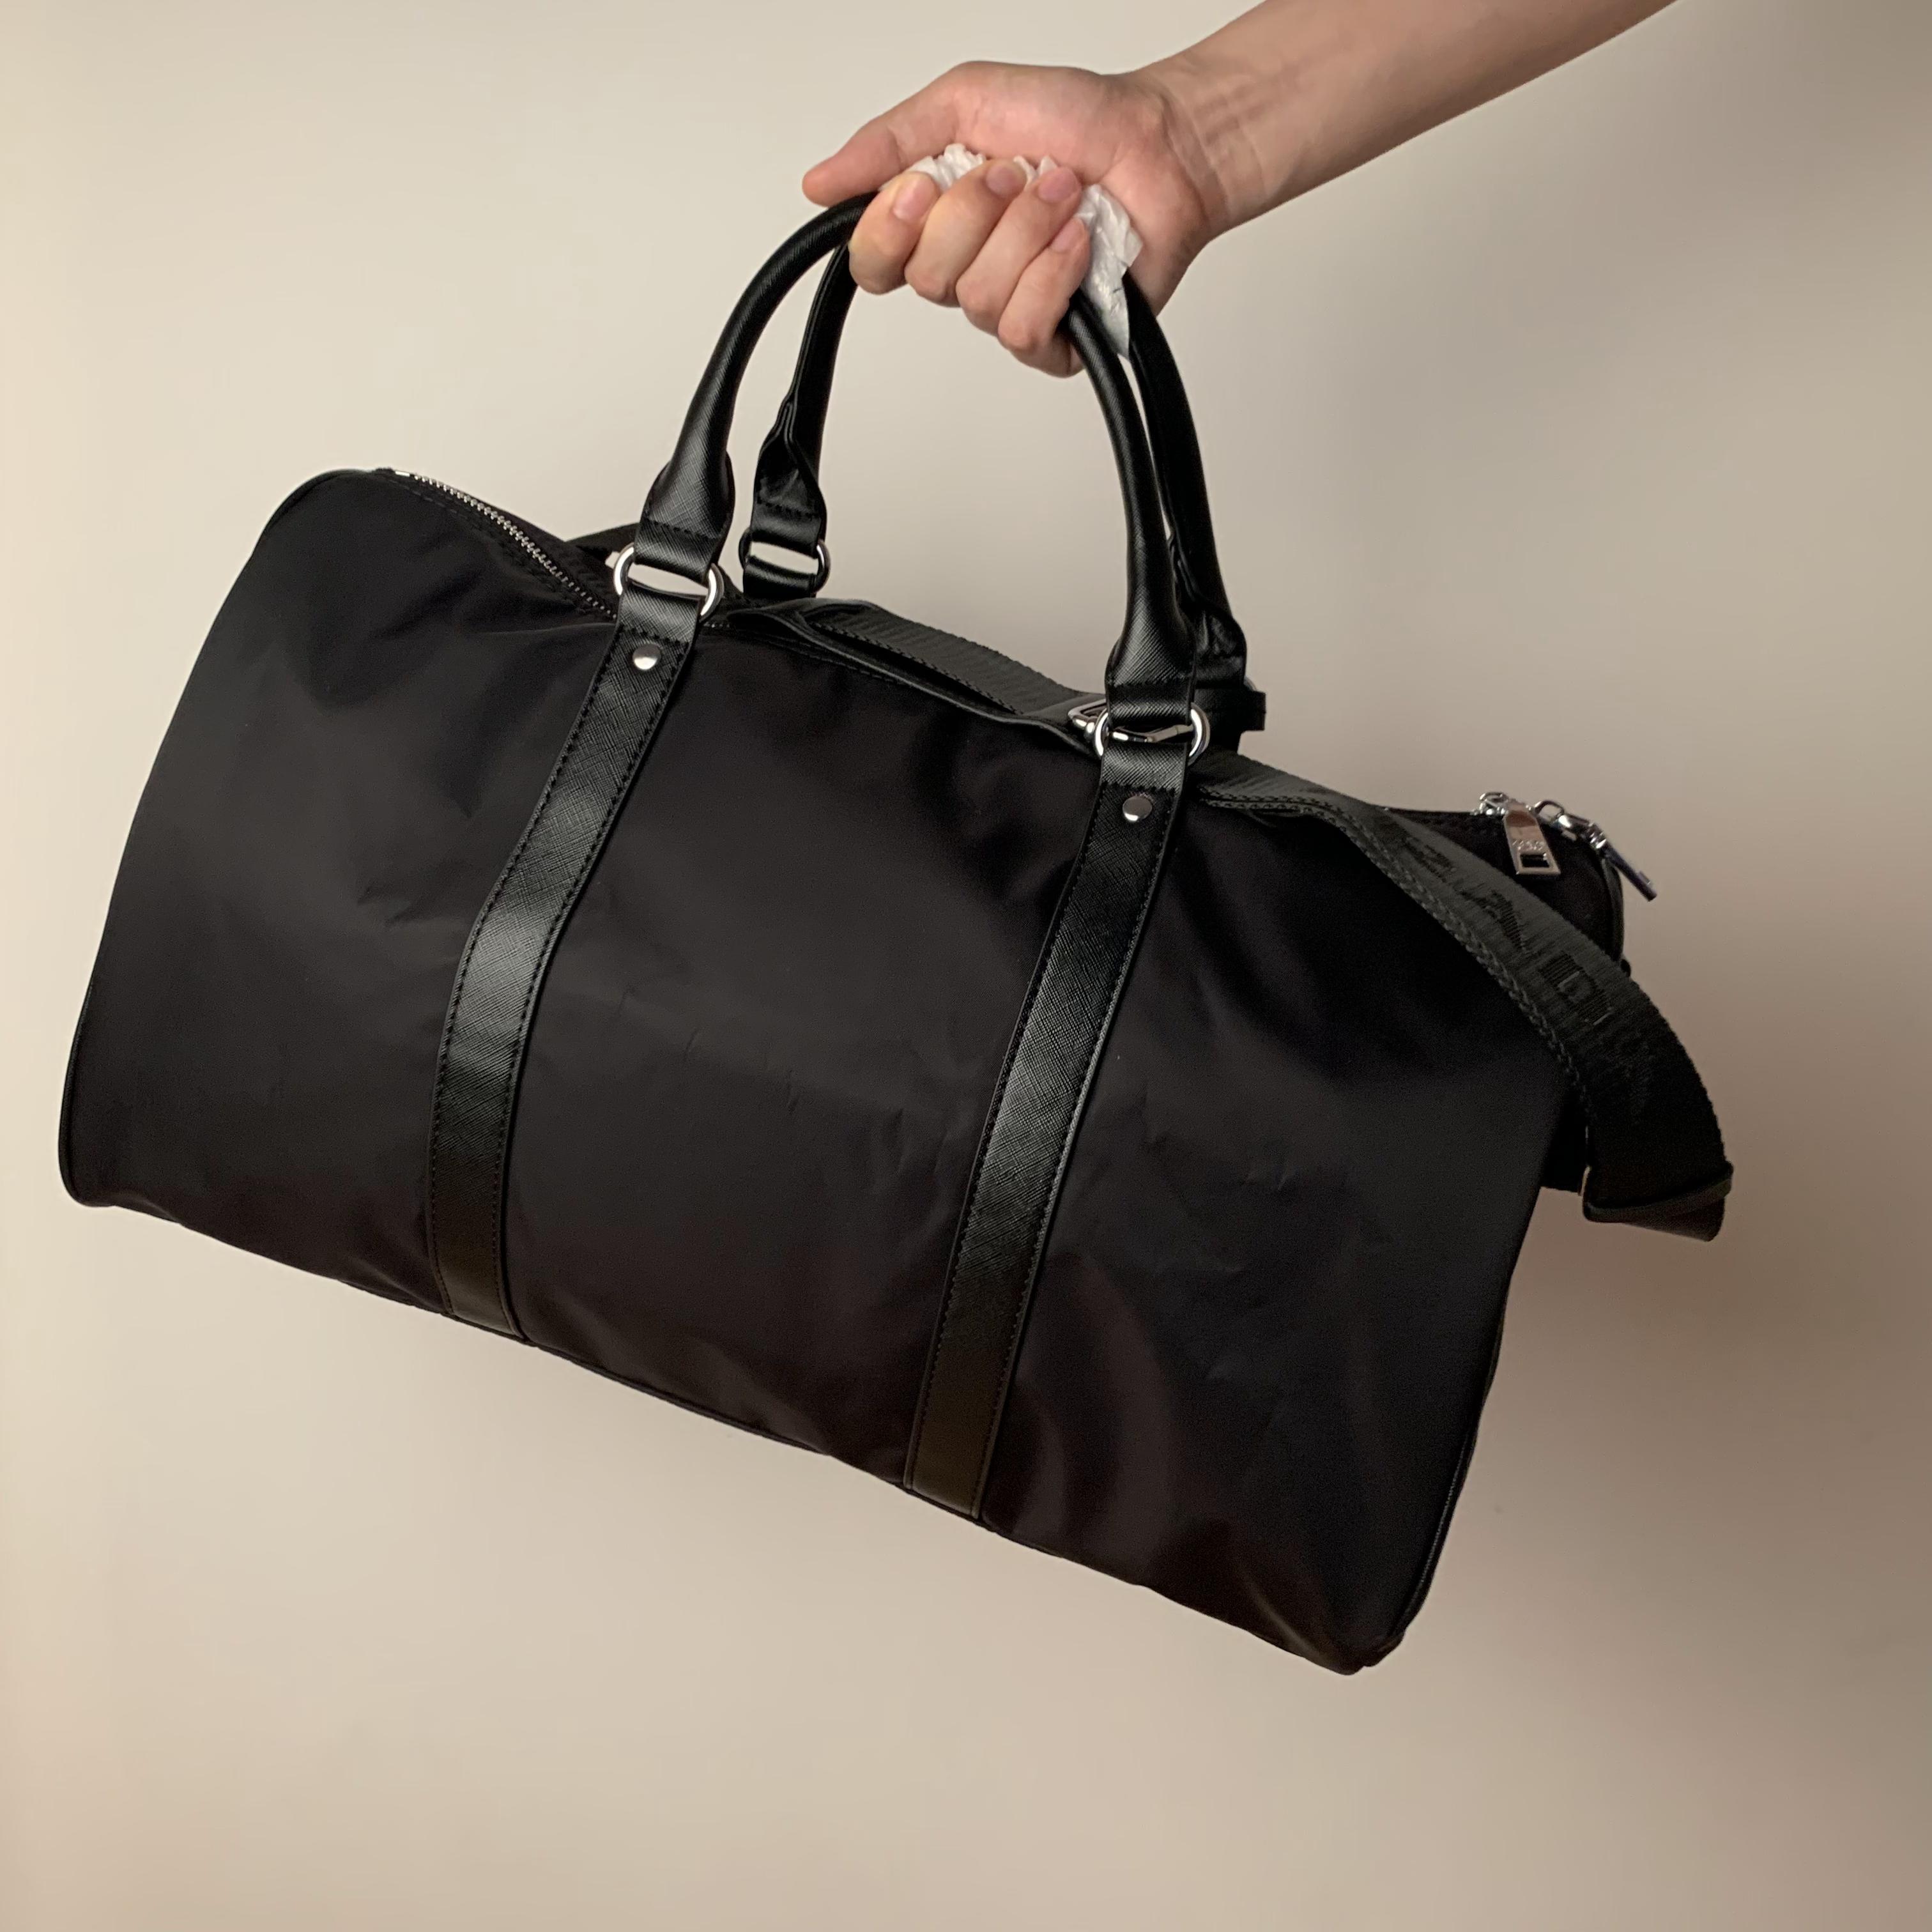 Duffelbeutel Reisetasche Gepäck Taschen Hohe Kapazität Mode Männer WC-Beutel Frauen Kosmetik Organizer Make-up Bühnen Sie berühmte klassische Kulturwaren mit Staub Große Handtasche